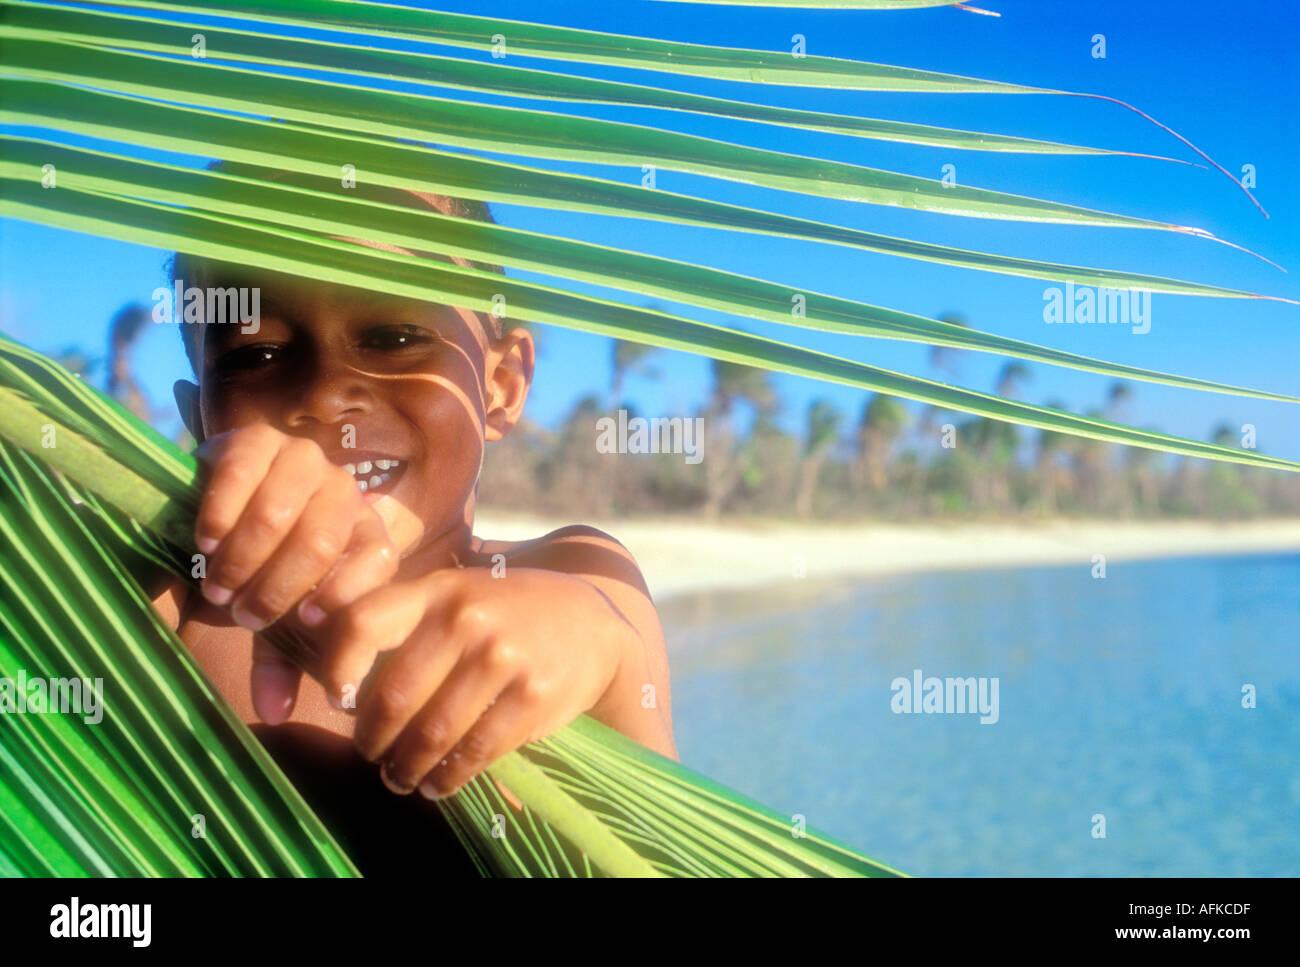 Fiji joven chico mirando a través de las frondas de palma Yasawa Islands Fiji Océano Pacífico Sur Imagen De Stock